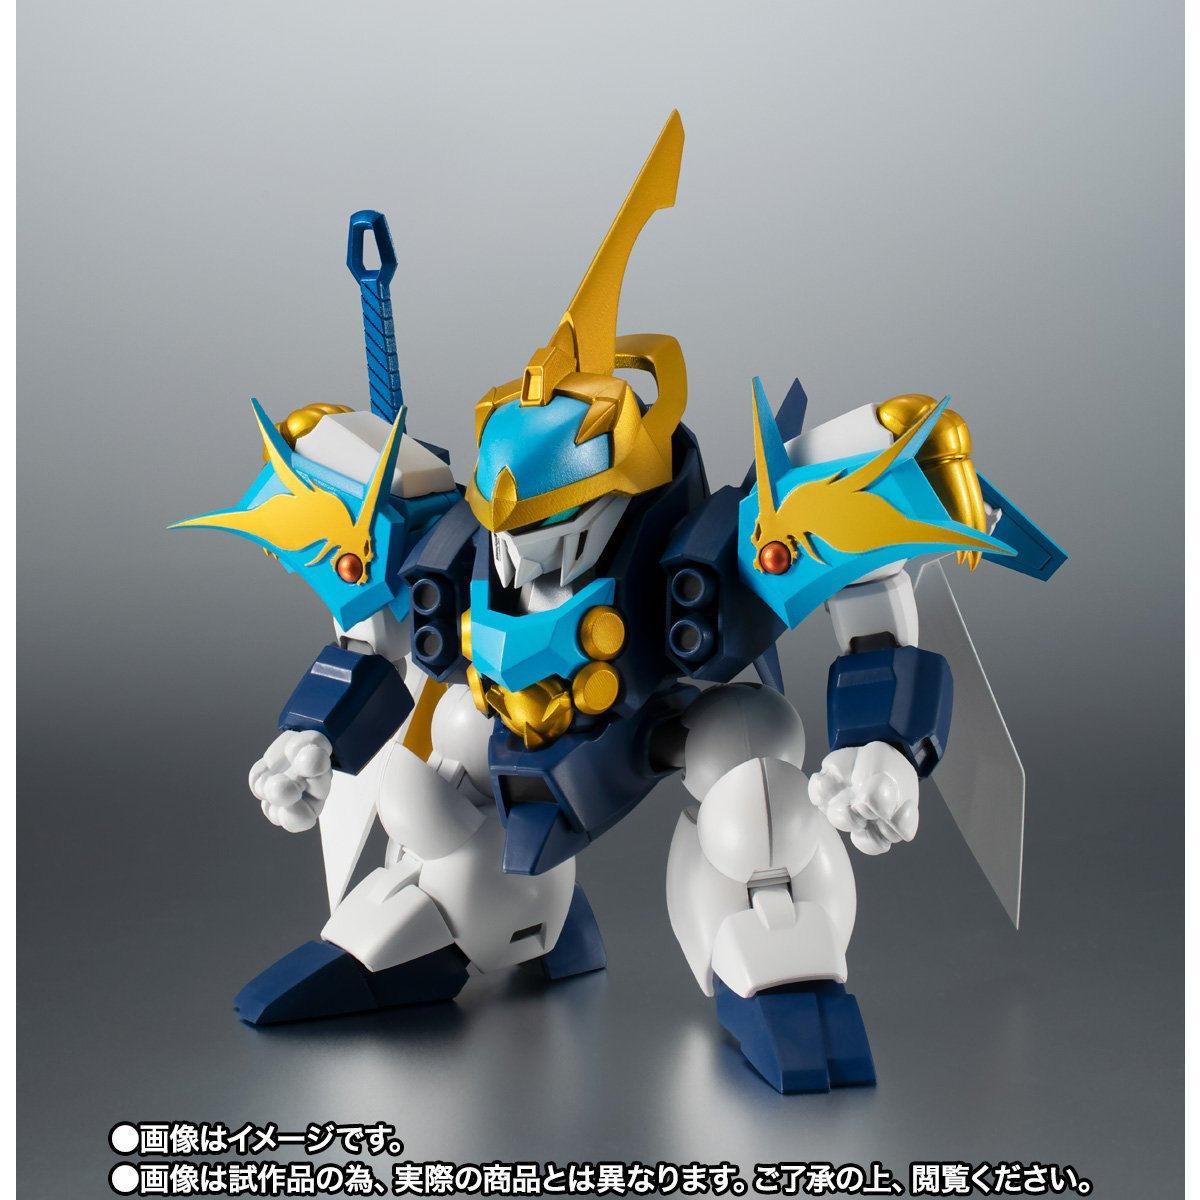 【限定販売】ROBOT魂〈SIDE MASHIN〉『龍蒼丸』魔神英雄伝ワタル 可動フィギュア-002